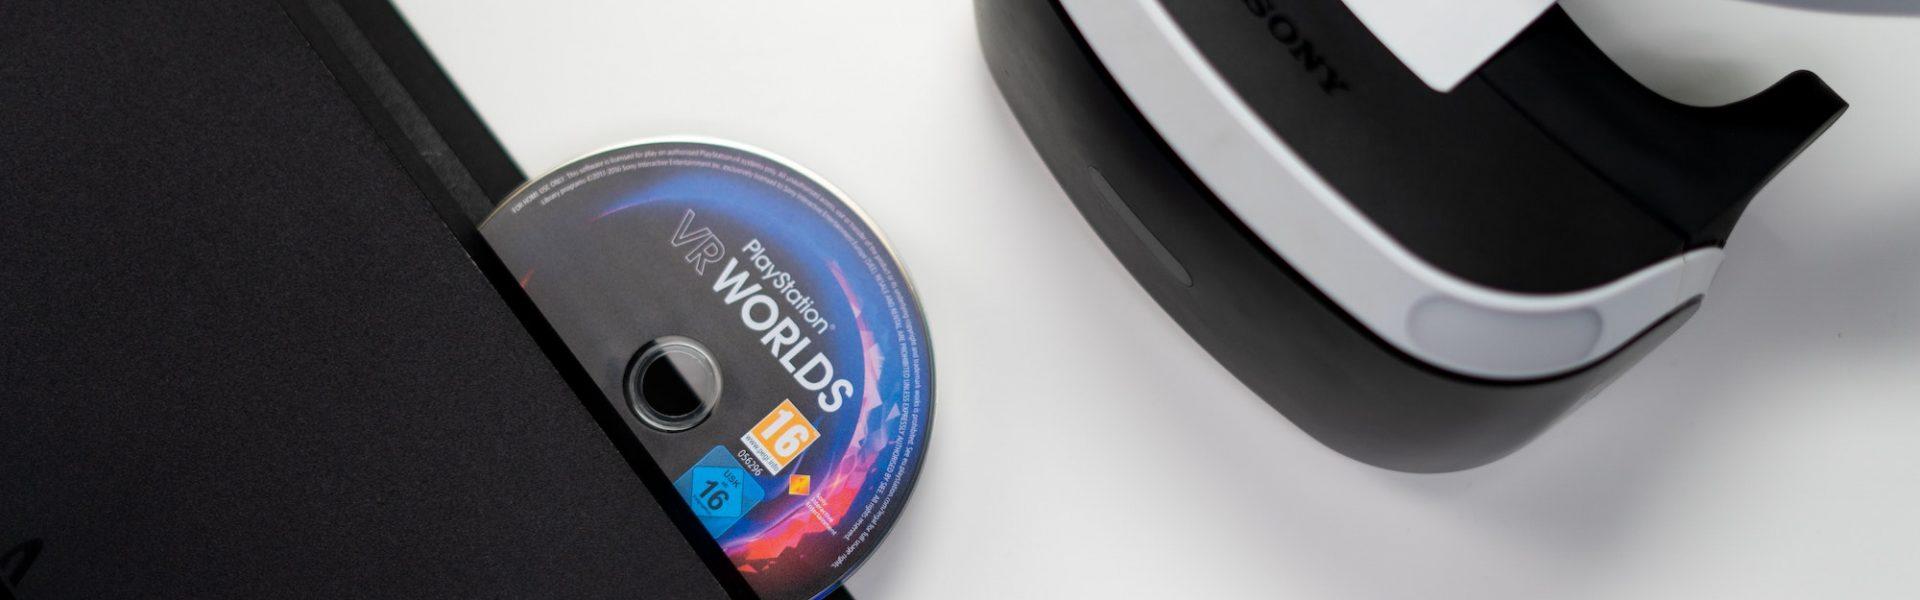 Czy PlayStation 5 będzie wstecznie kompatybilne